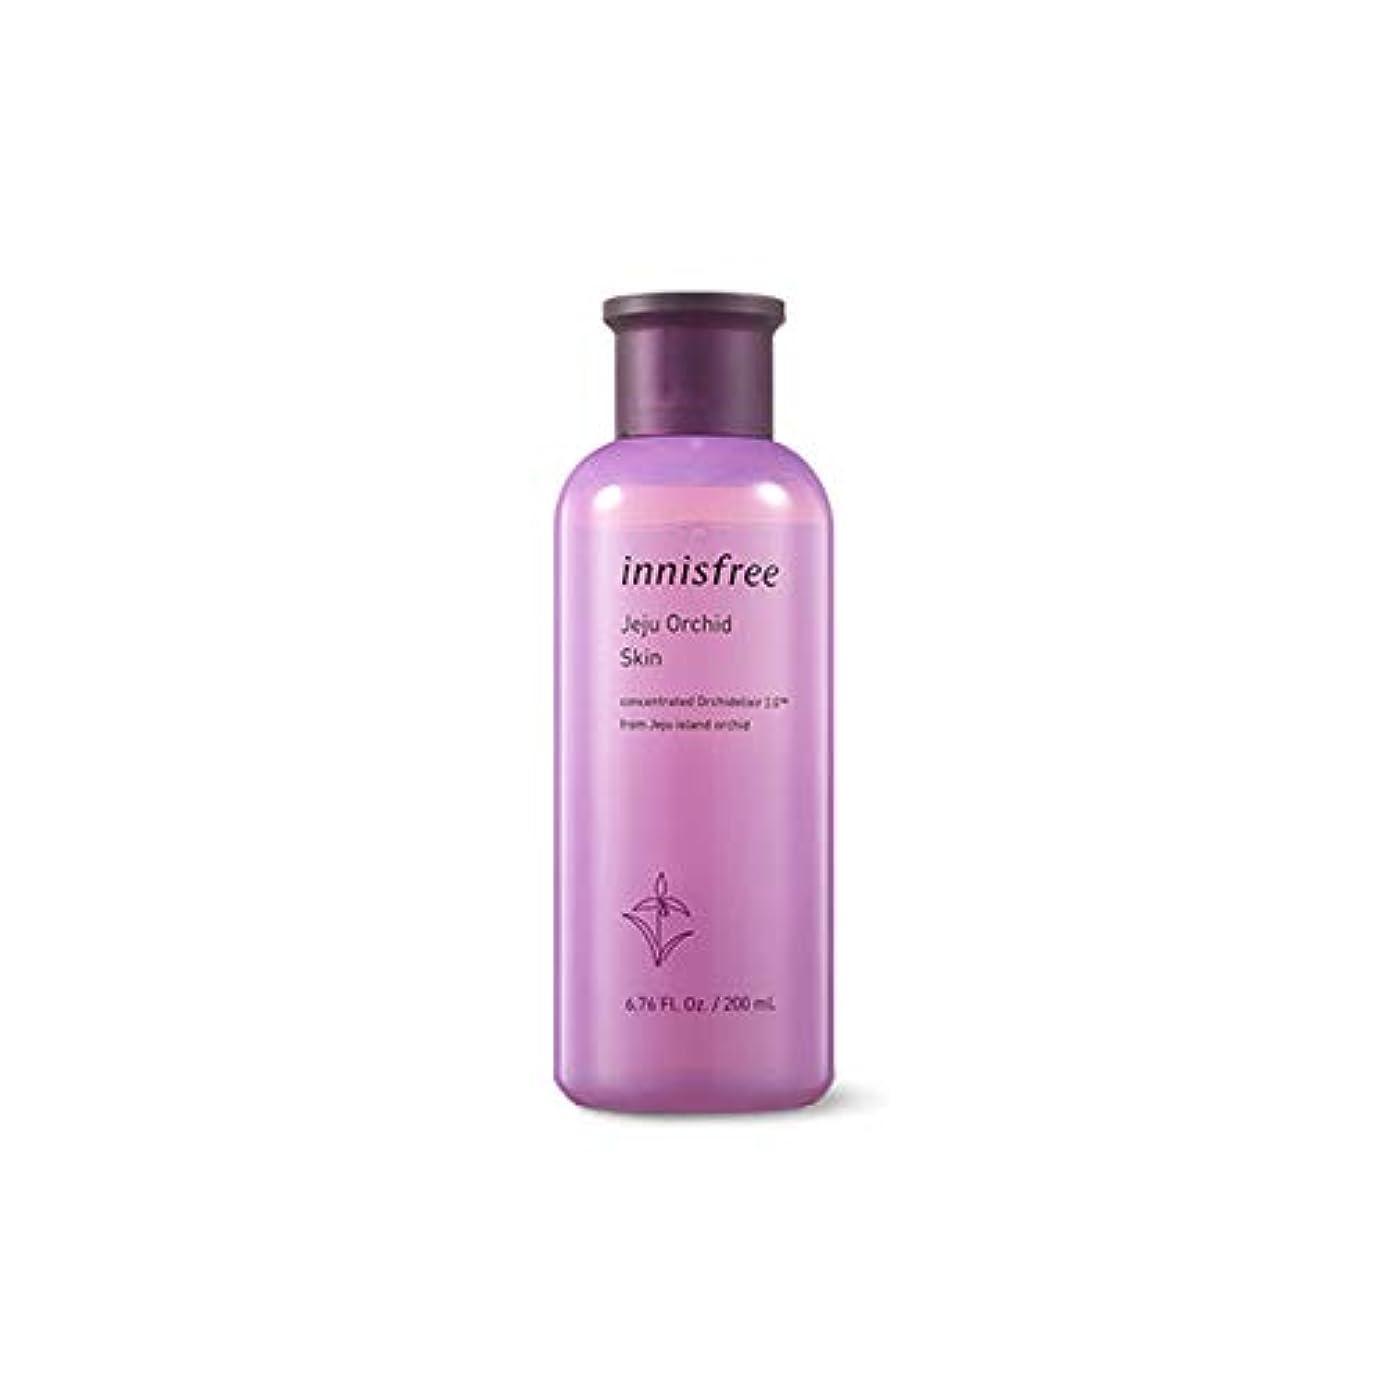 出くわす急性振る舞う[イニスプリー]Innisfree 寒暖スキン(200ml) 新商品入荷 Innisfree Orchid Skin (200ml) New Arrival [海外直送品]